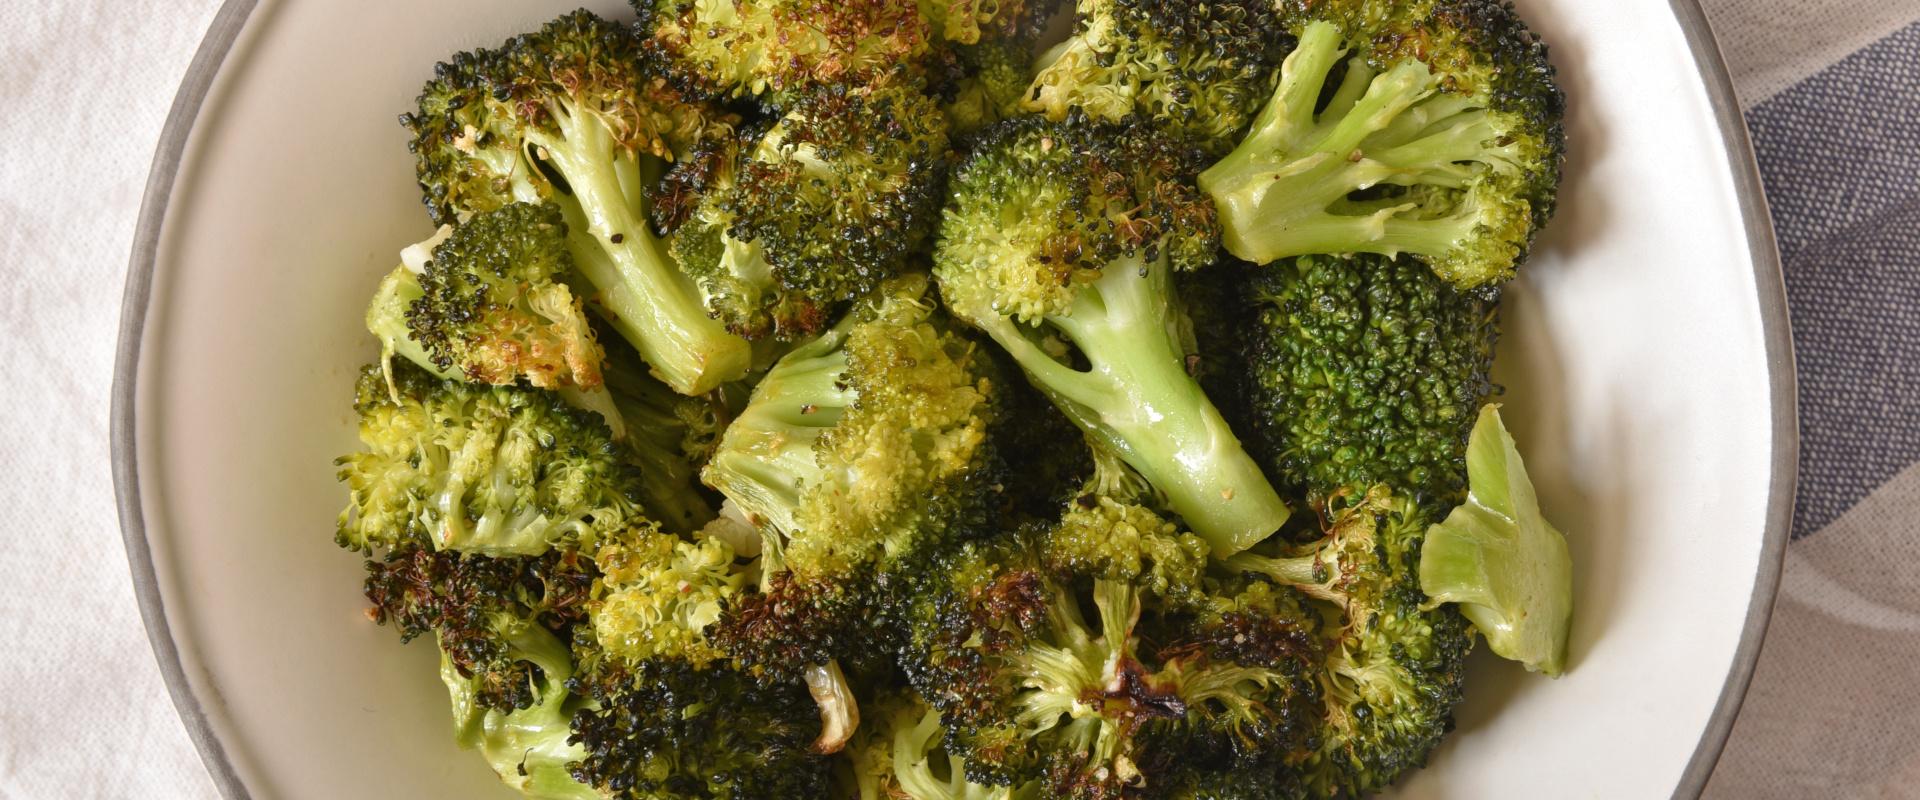 sült brokkoli cover